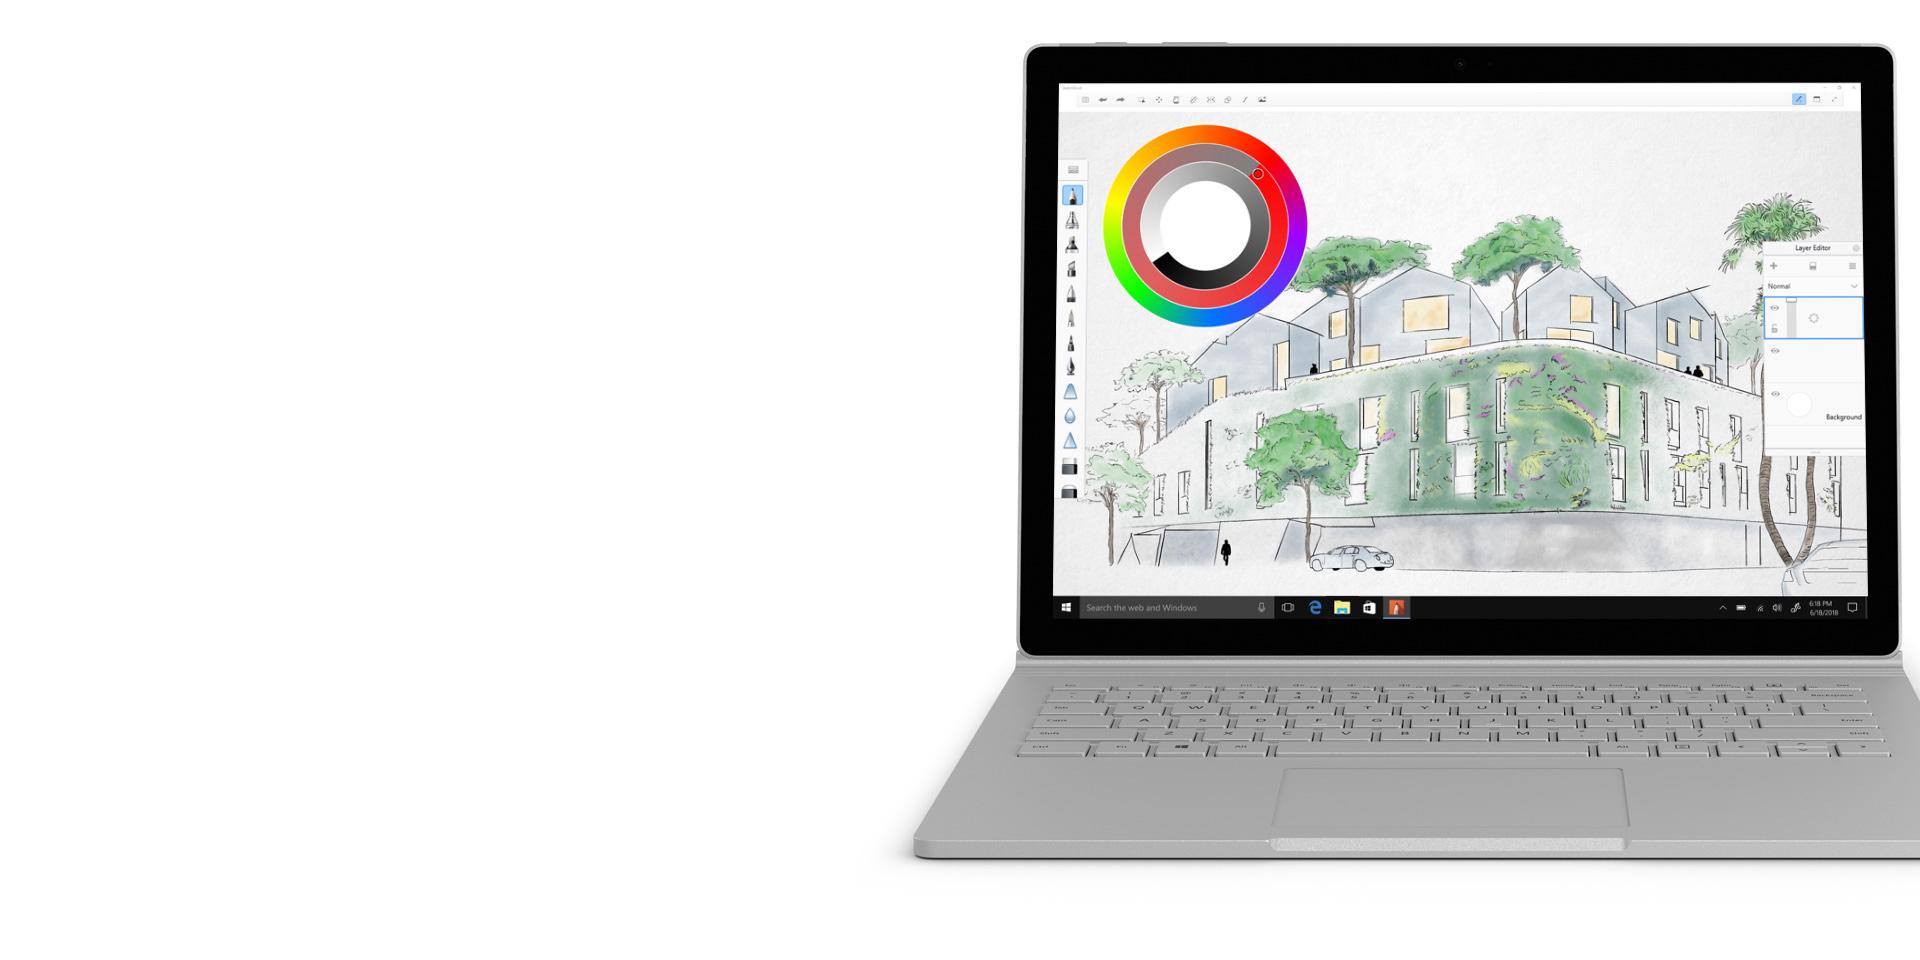 Autodesk SketchBook na wyświetlaczu urządzenia Surface Book 2